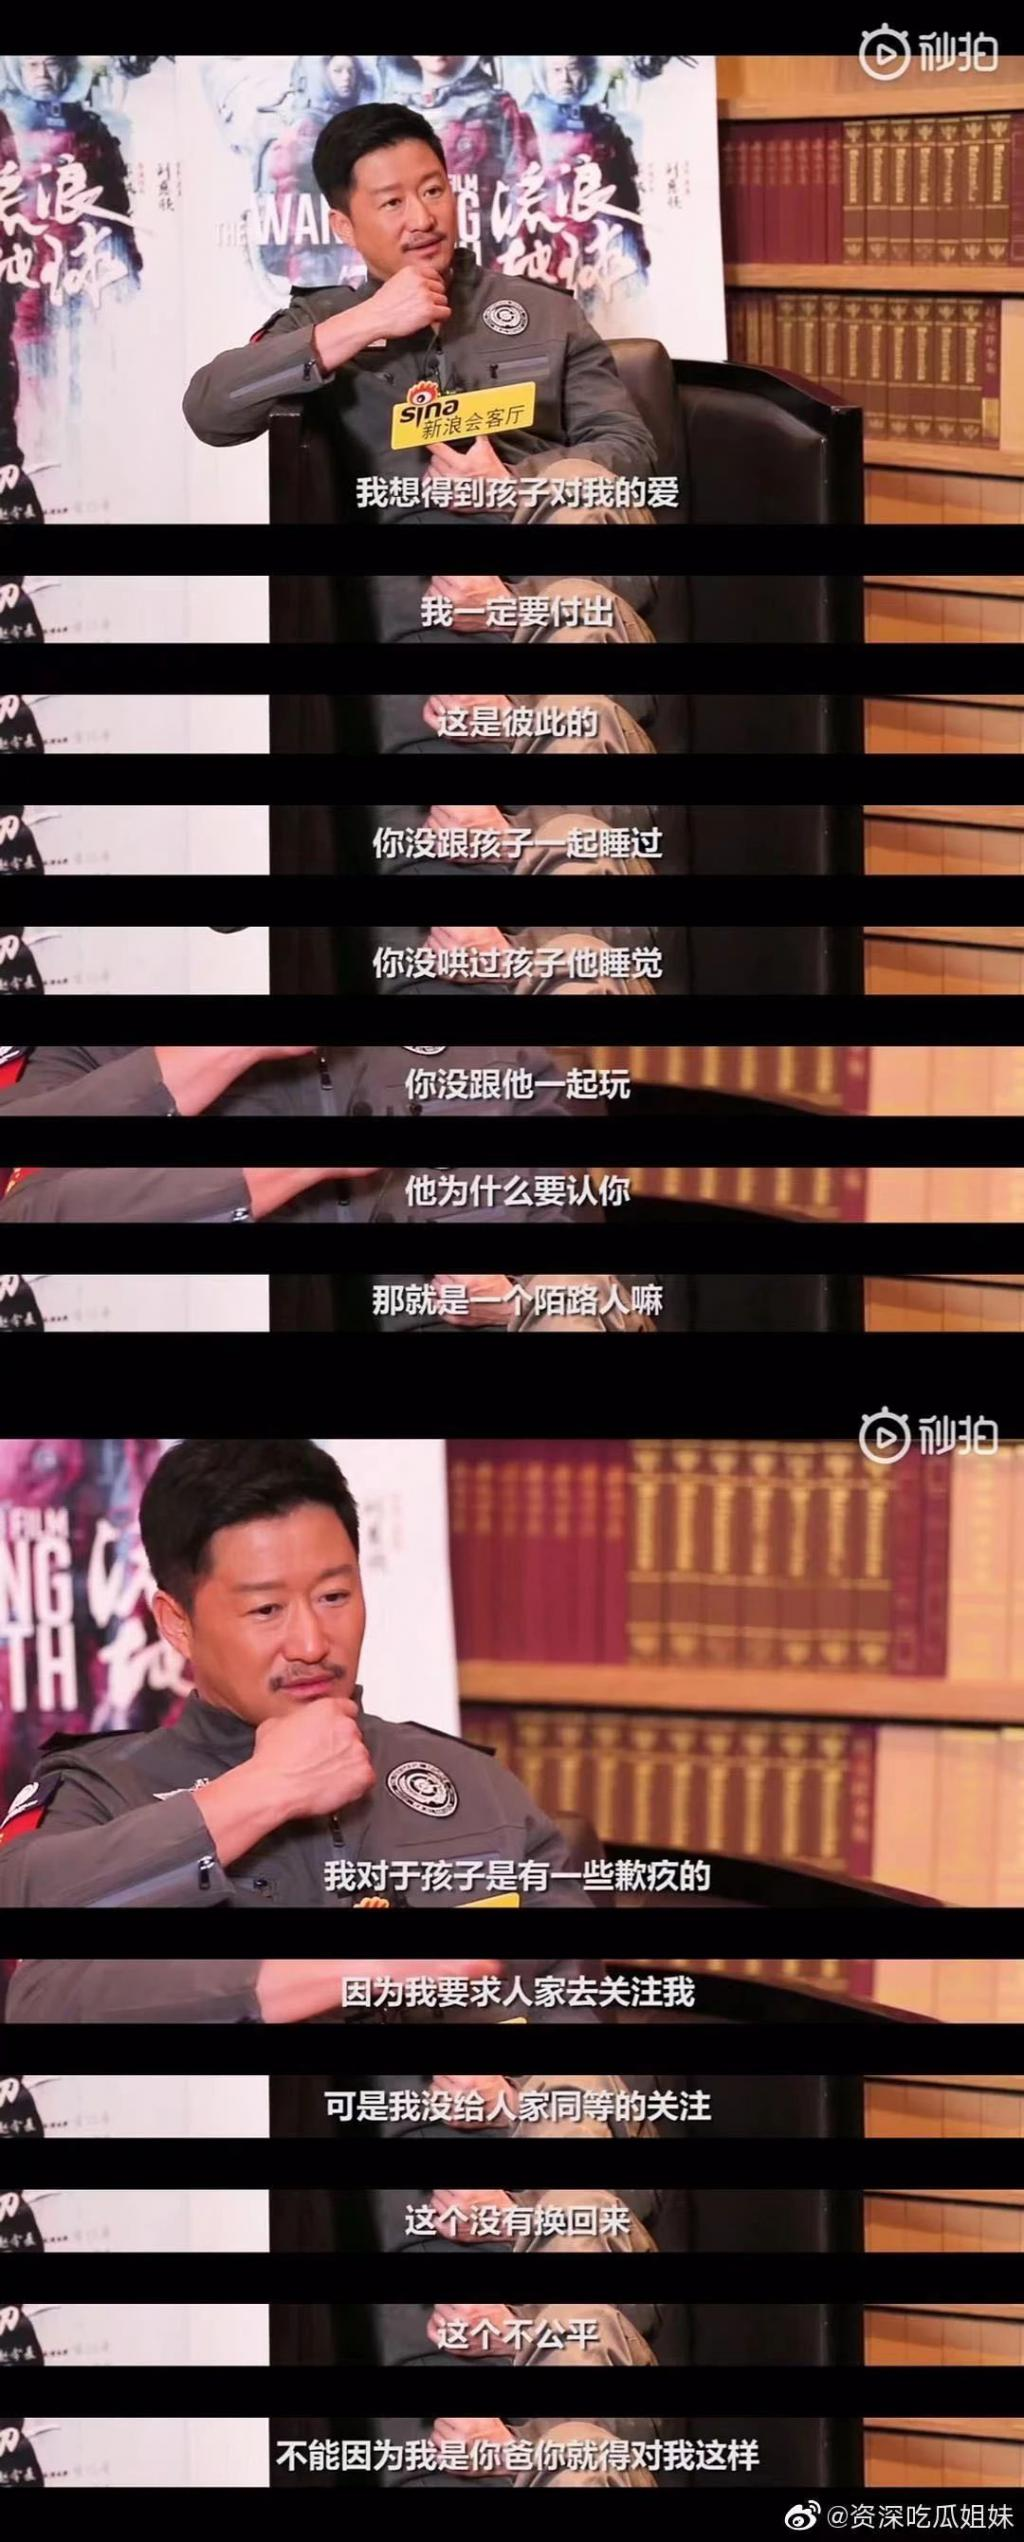 吴京:哈哈哈哈哈谁能想到,今年最好笑的人竟然是他!